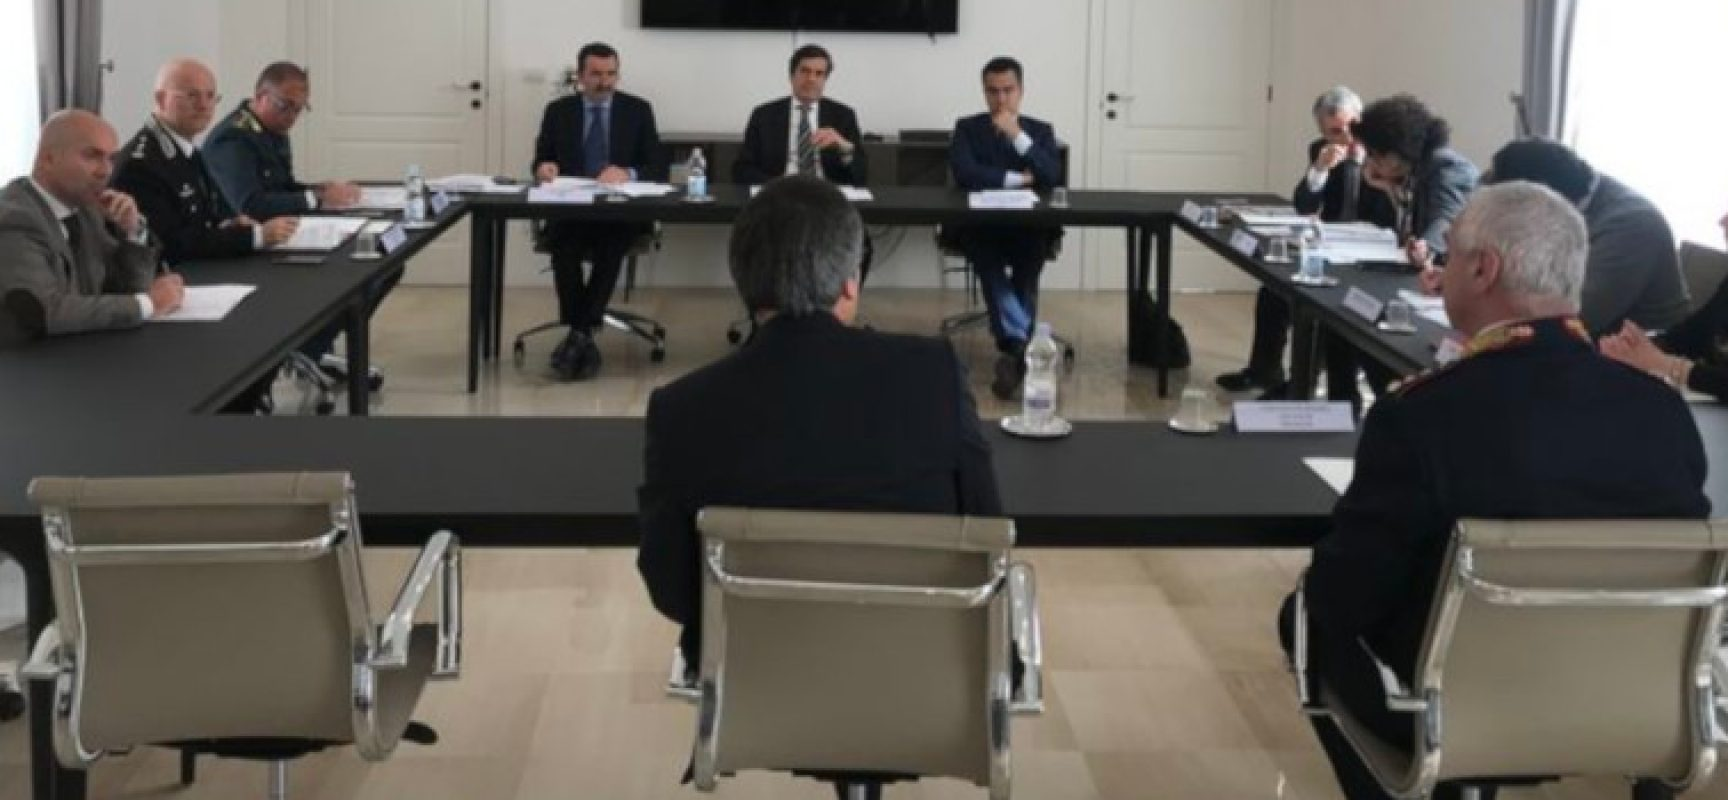 Vertice Forze di Polizia in Prefettura, discusso l'atto intimidatorio all'assessore Parisi